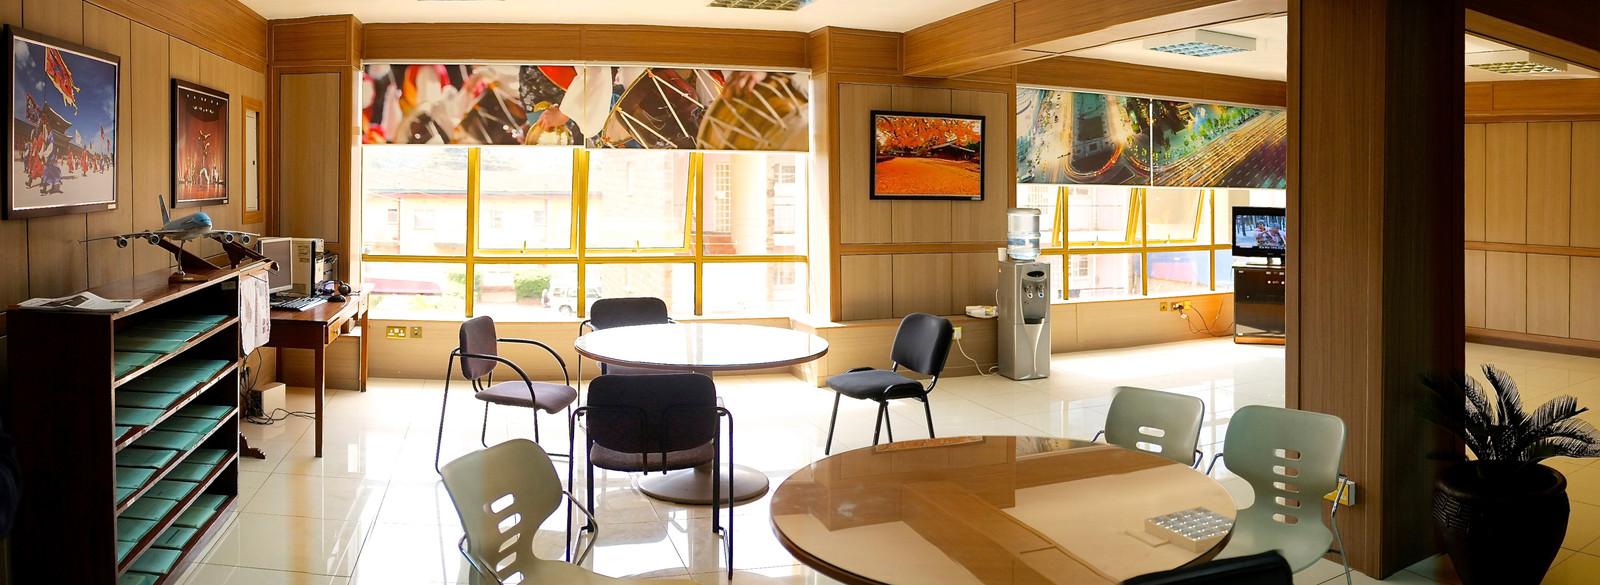 horizon media office. EMBASSY OF KOREA Horizon Media Office